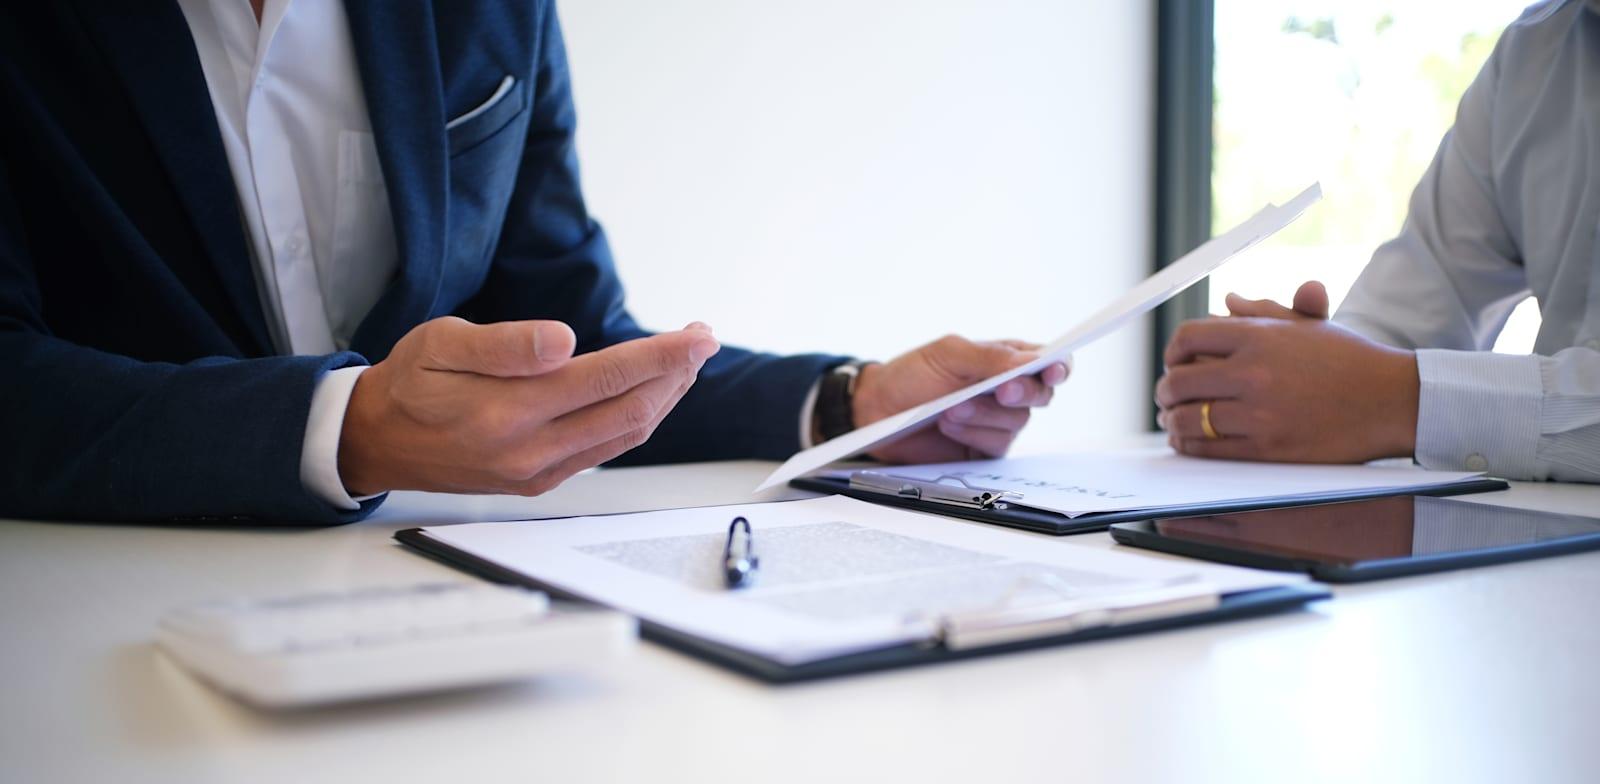 הסיכון בביצוע עסקה עם אפוטרופוס או מיופה-כוח